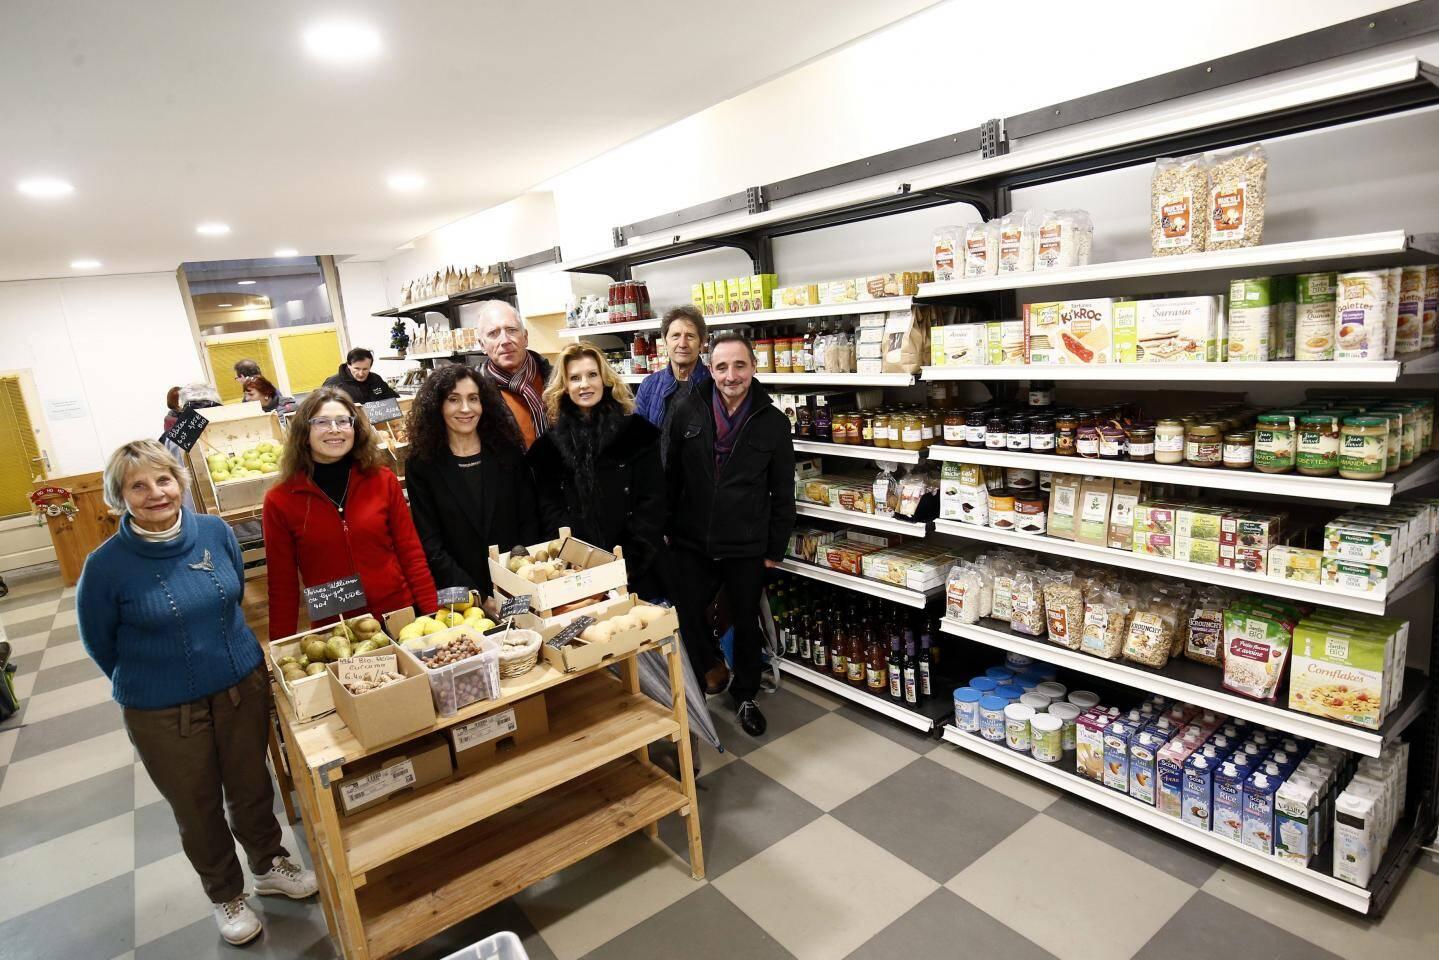 Fin 2018, la Coop-sur-Mer s'installait dans un local de 40 m². Une épicerie-labo, toujours en centre-ville, où les adhérents et futurs coopérateurs ont pu appréhender la logistique, la mise en rayon, la caisse...